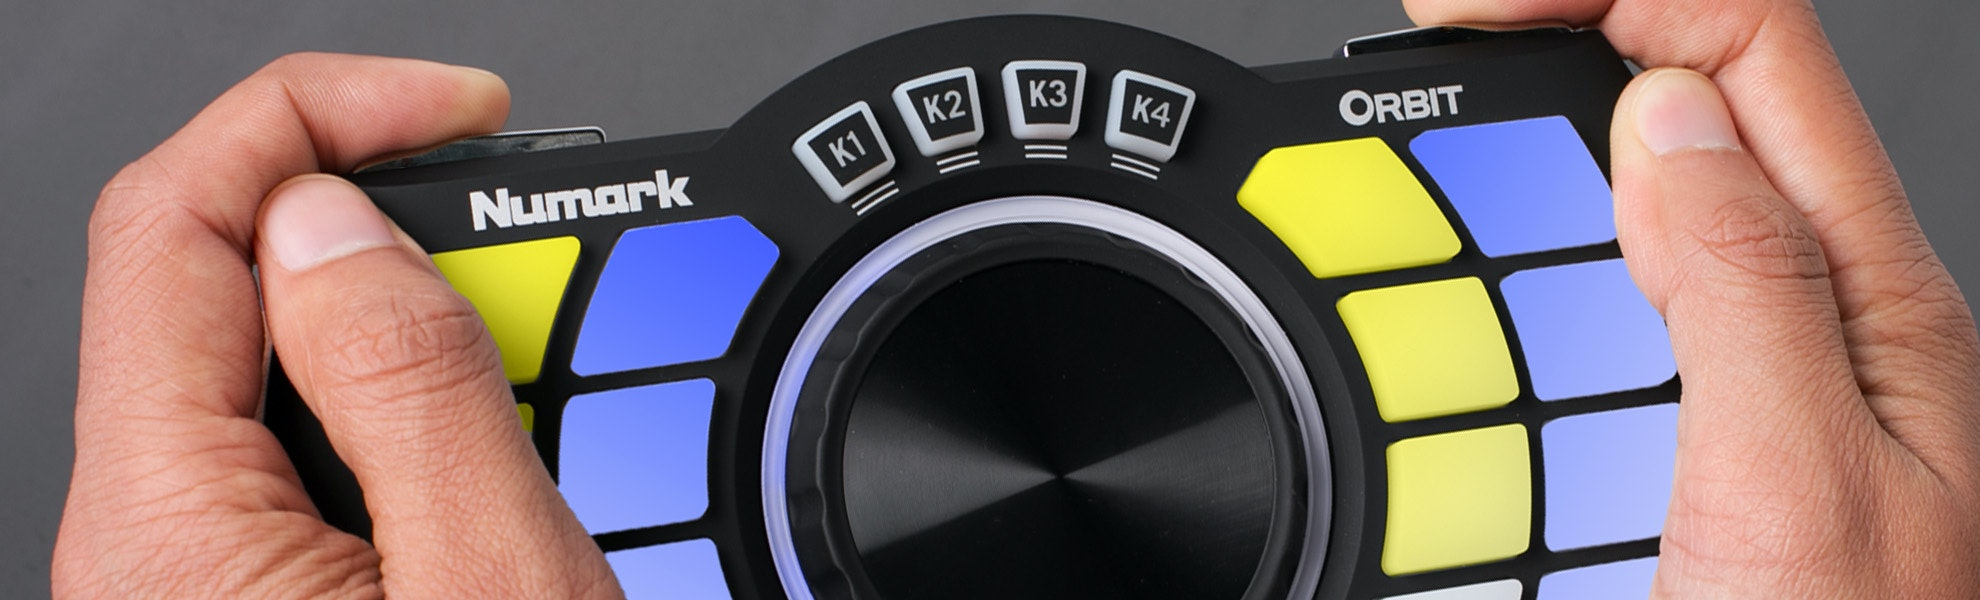 Numark Orbit Wireless DJ Controller